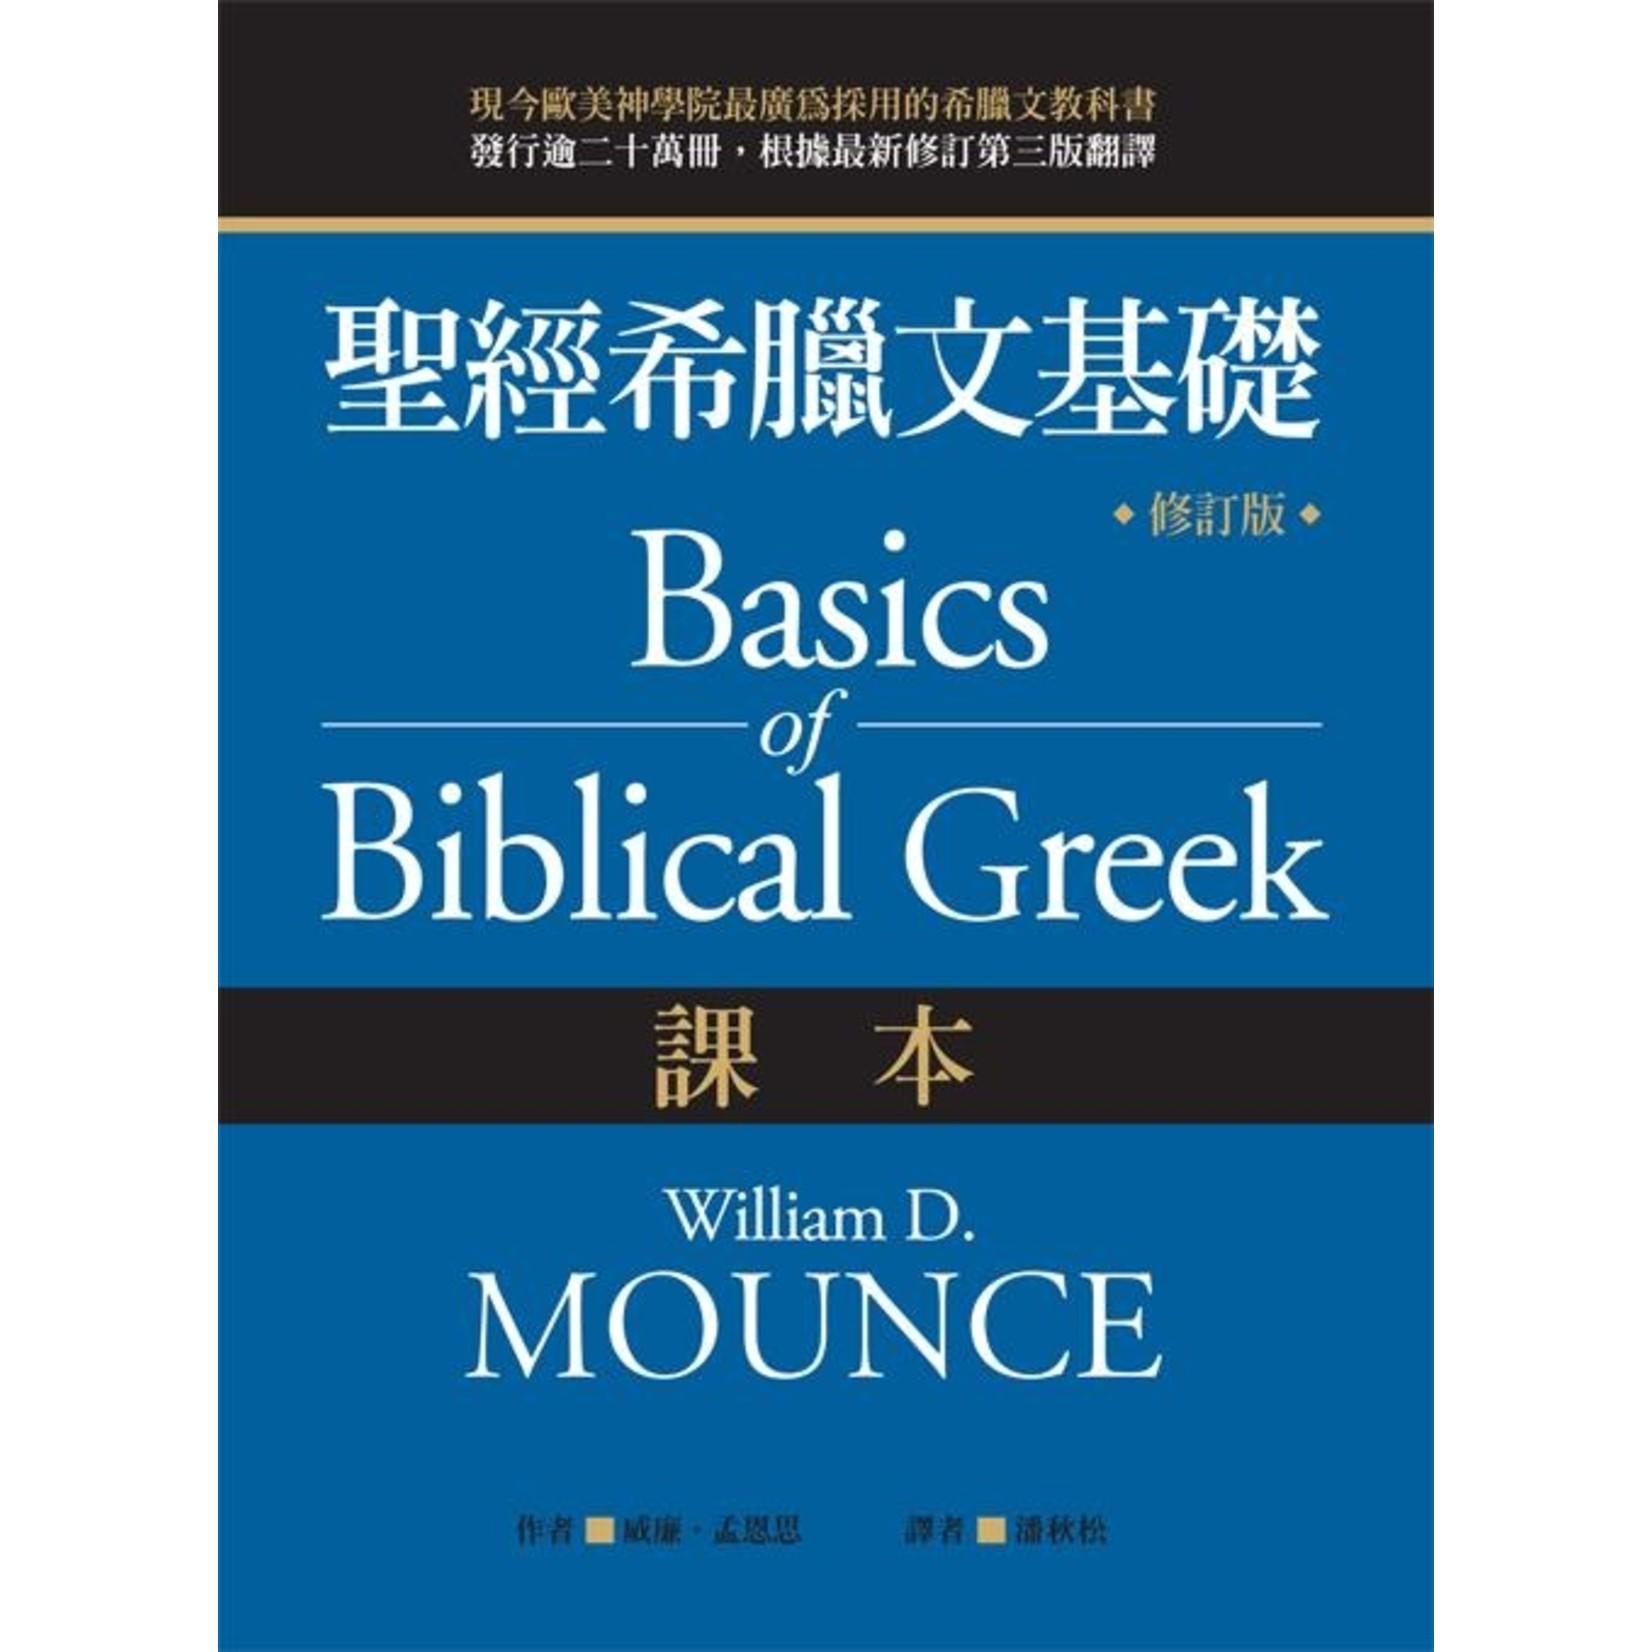 美國麥種傳道會 AKOWCM 聖經希臘文基礎:課本(修訂版)(繁體) Basics of Biblical Greek Grammar (Third Edition)